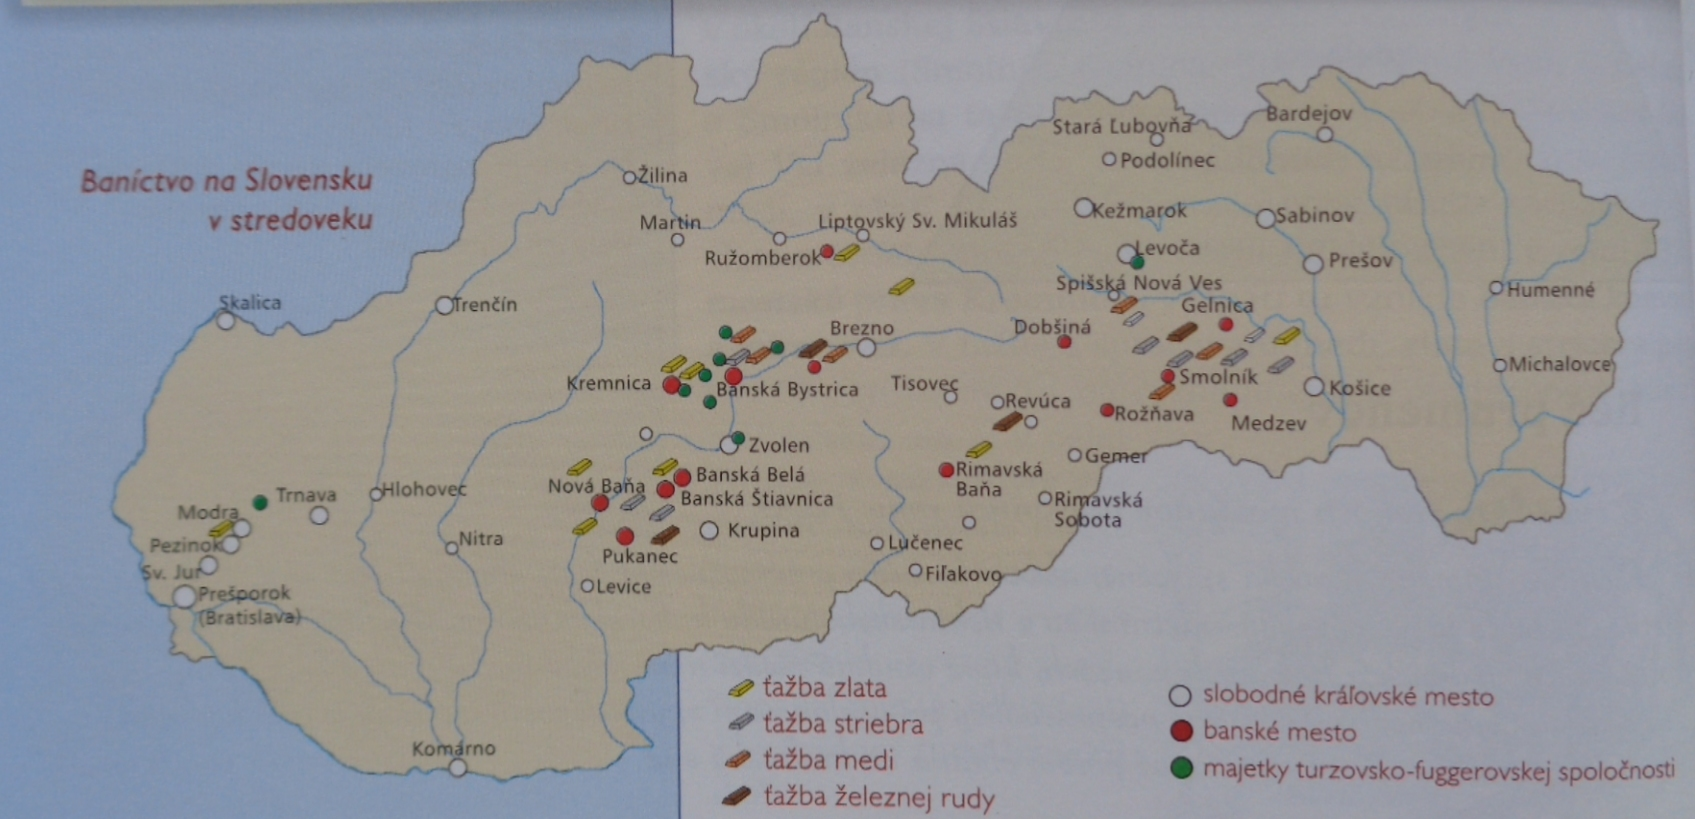 """""""Baníctvo na Slovensku v stredoveku"""" – autori učebnice navádzajú dojem, akoby Slovensko v stredoveku reálne existovalo, zároveň uvádzajú súčasné slovenské názvy obcí a miest, ktoré sa v tom čase určite nepoužívali."""